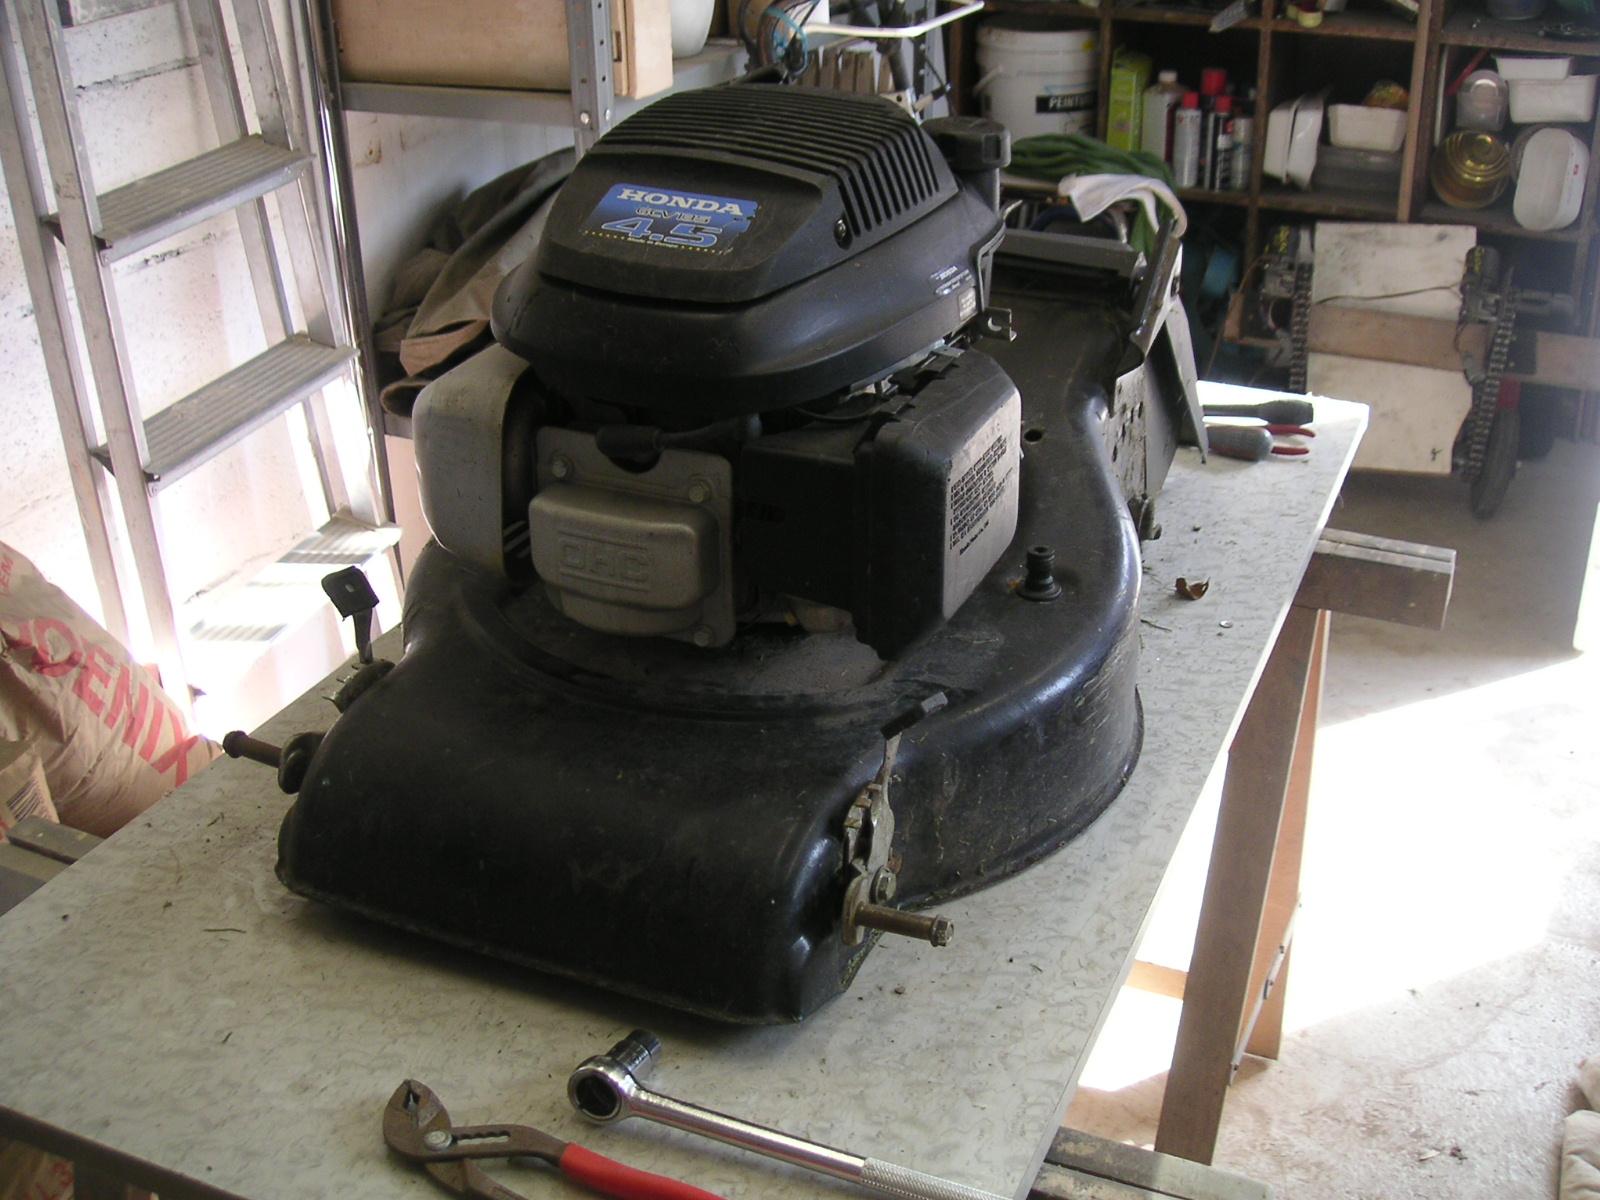 diy tondeuse rc lawn mower pr paration de la tondeuse et d montage. Black Bedroom Furniture Sets. Home Design Ideas